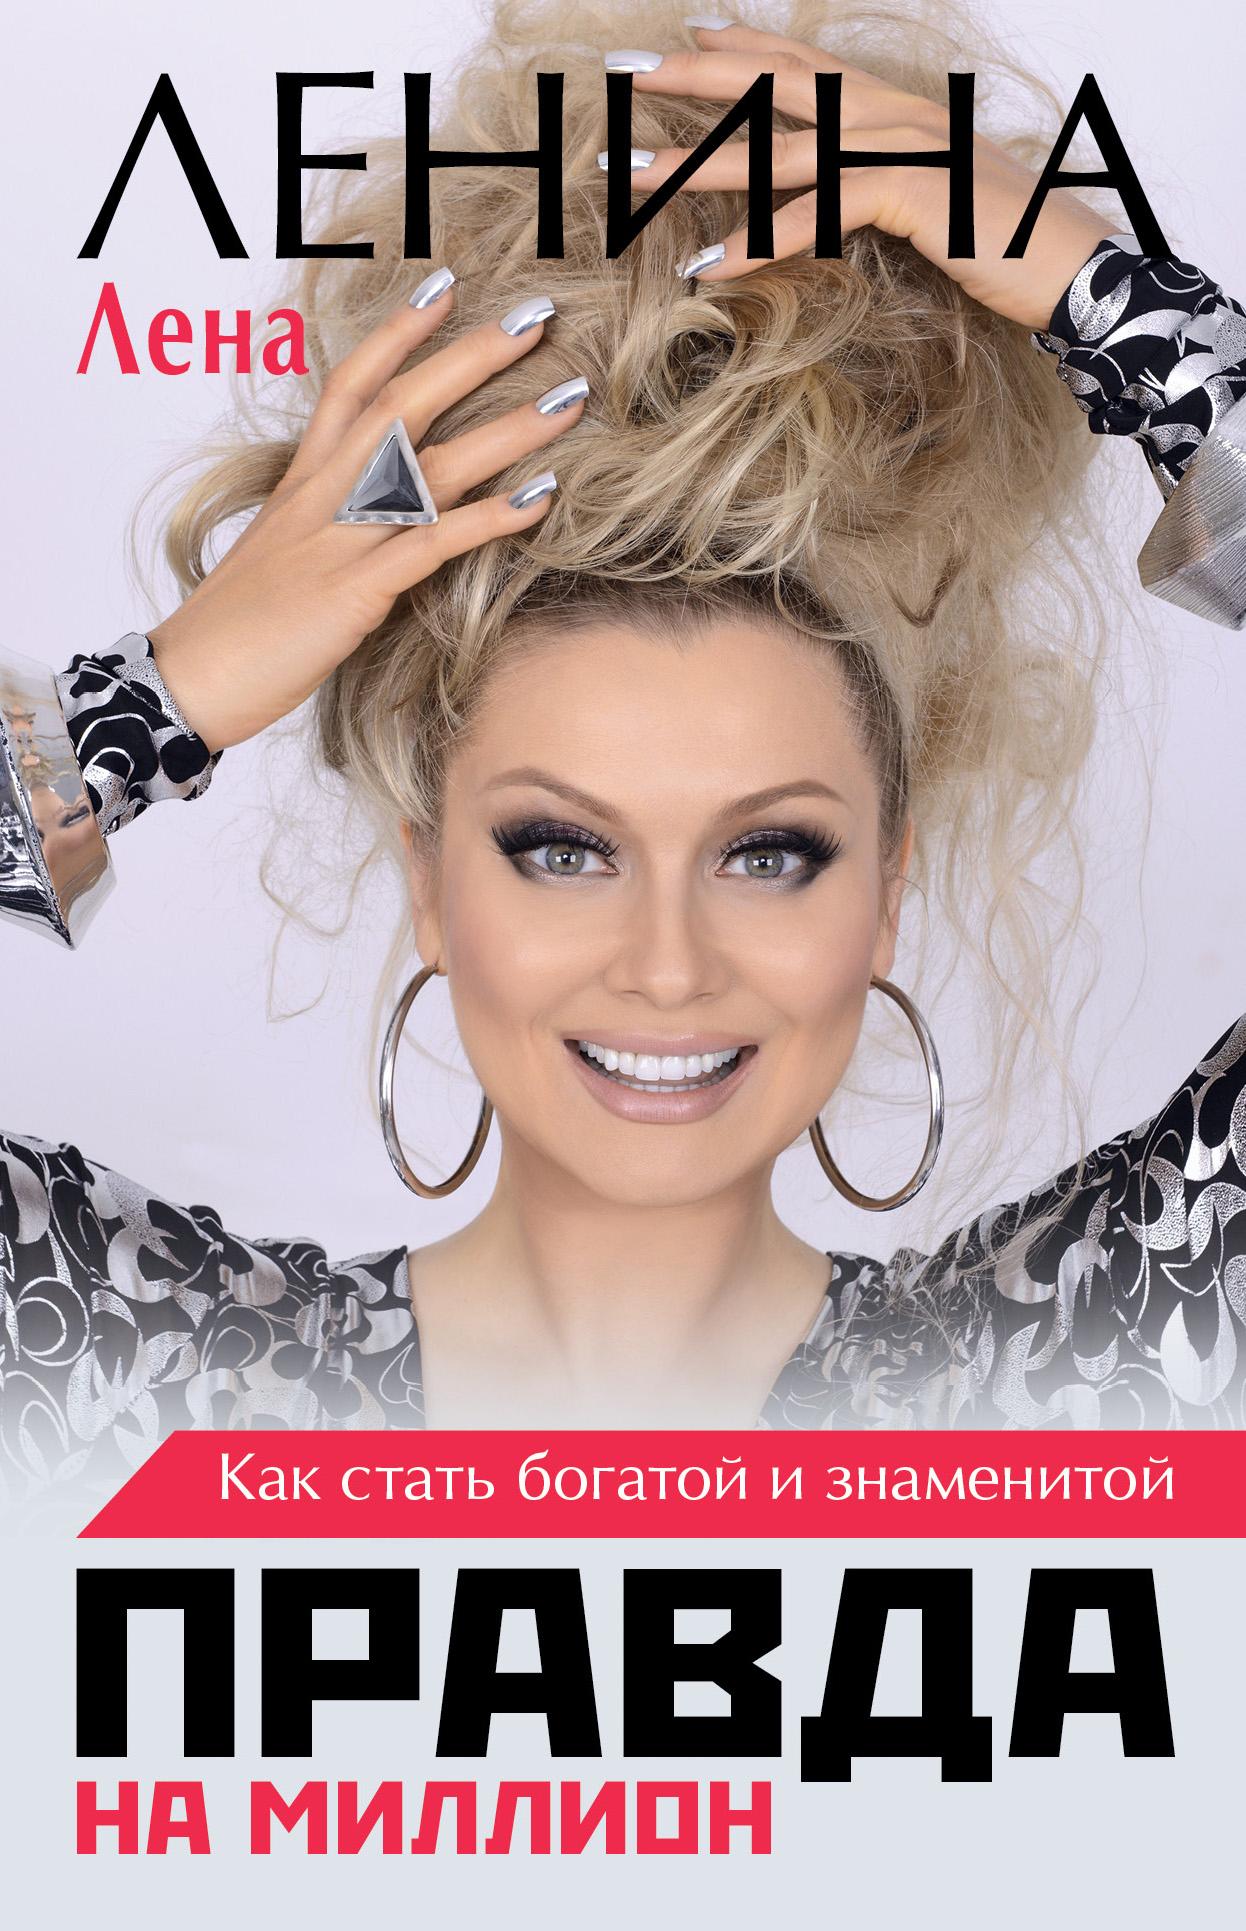 Лена Ленина Правда на миллион. Как стать богатой и знаменитой соня кулага слава кулага буш концепция успеха здоровья и красоты